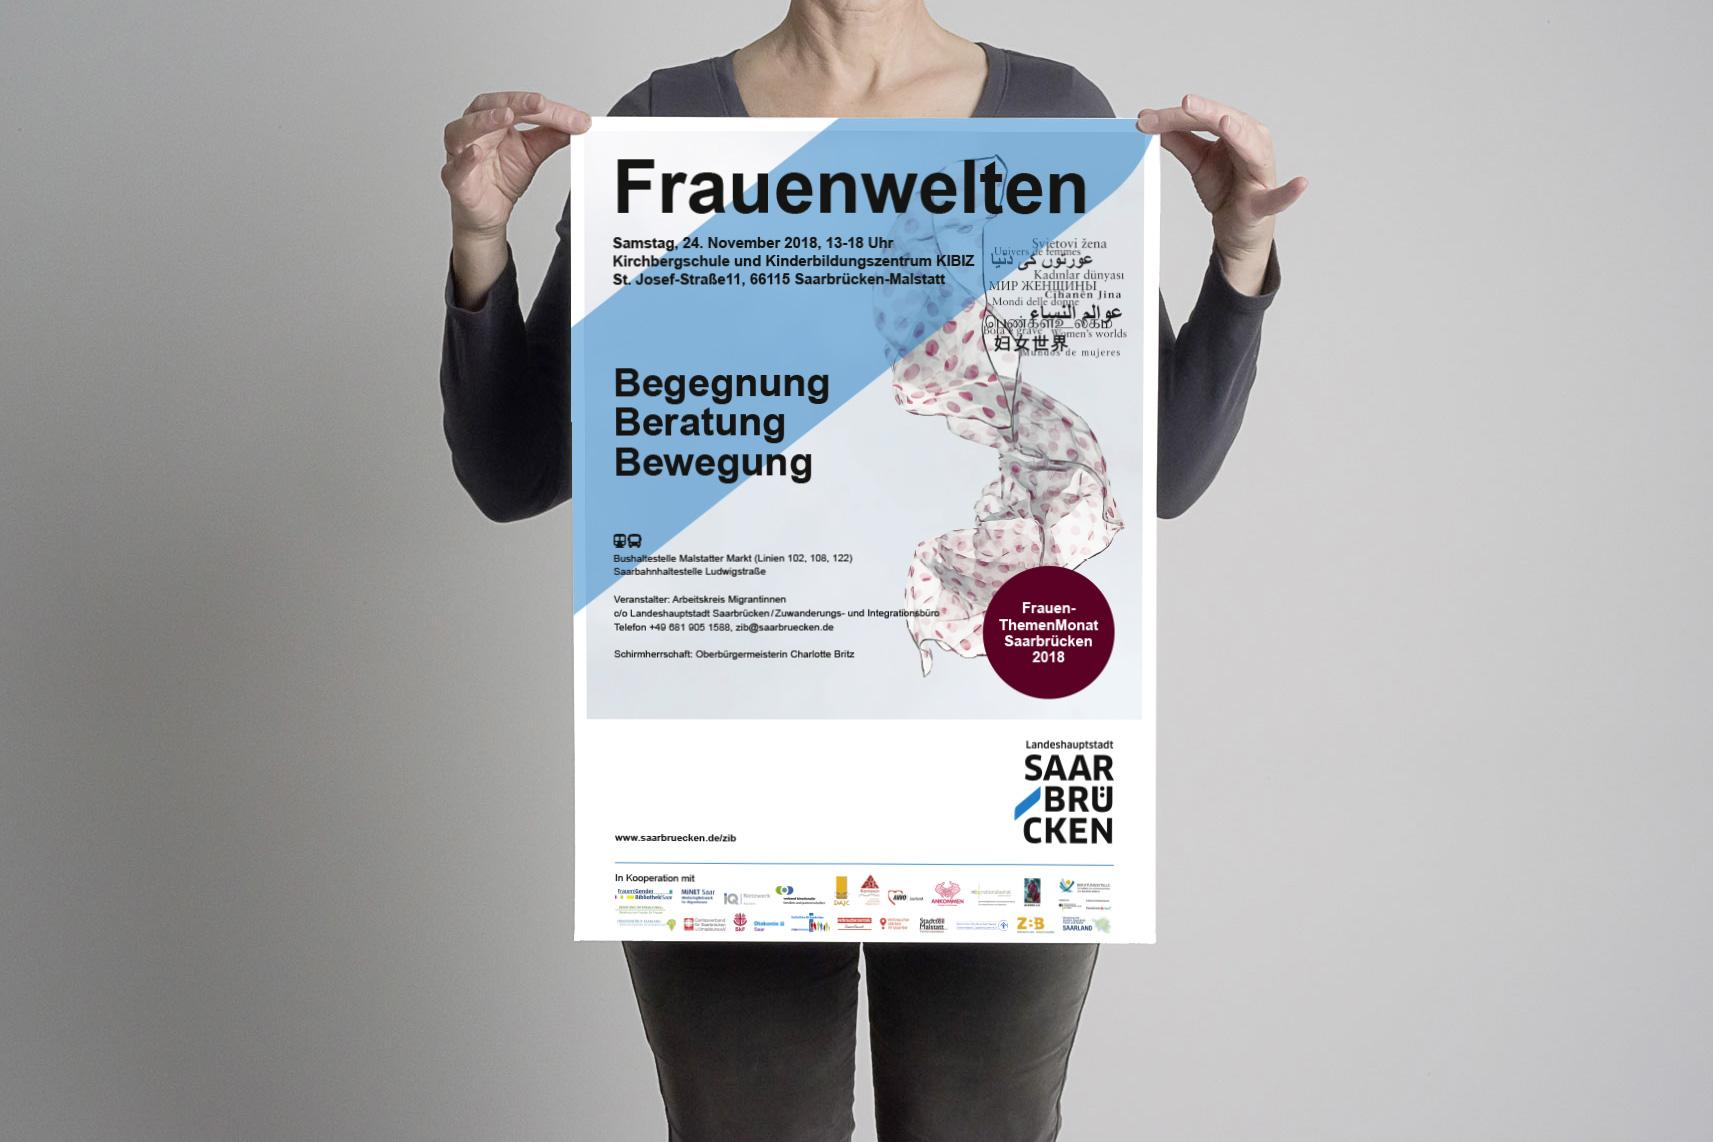 Plakat Event Frauenwelten Saarbruecken 2018 Foto